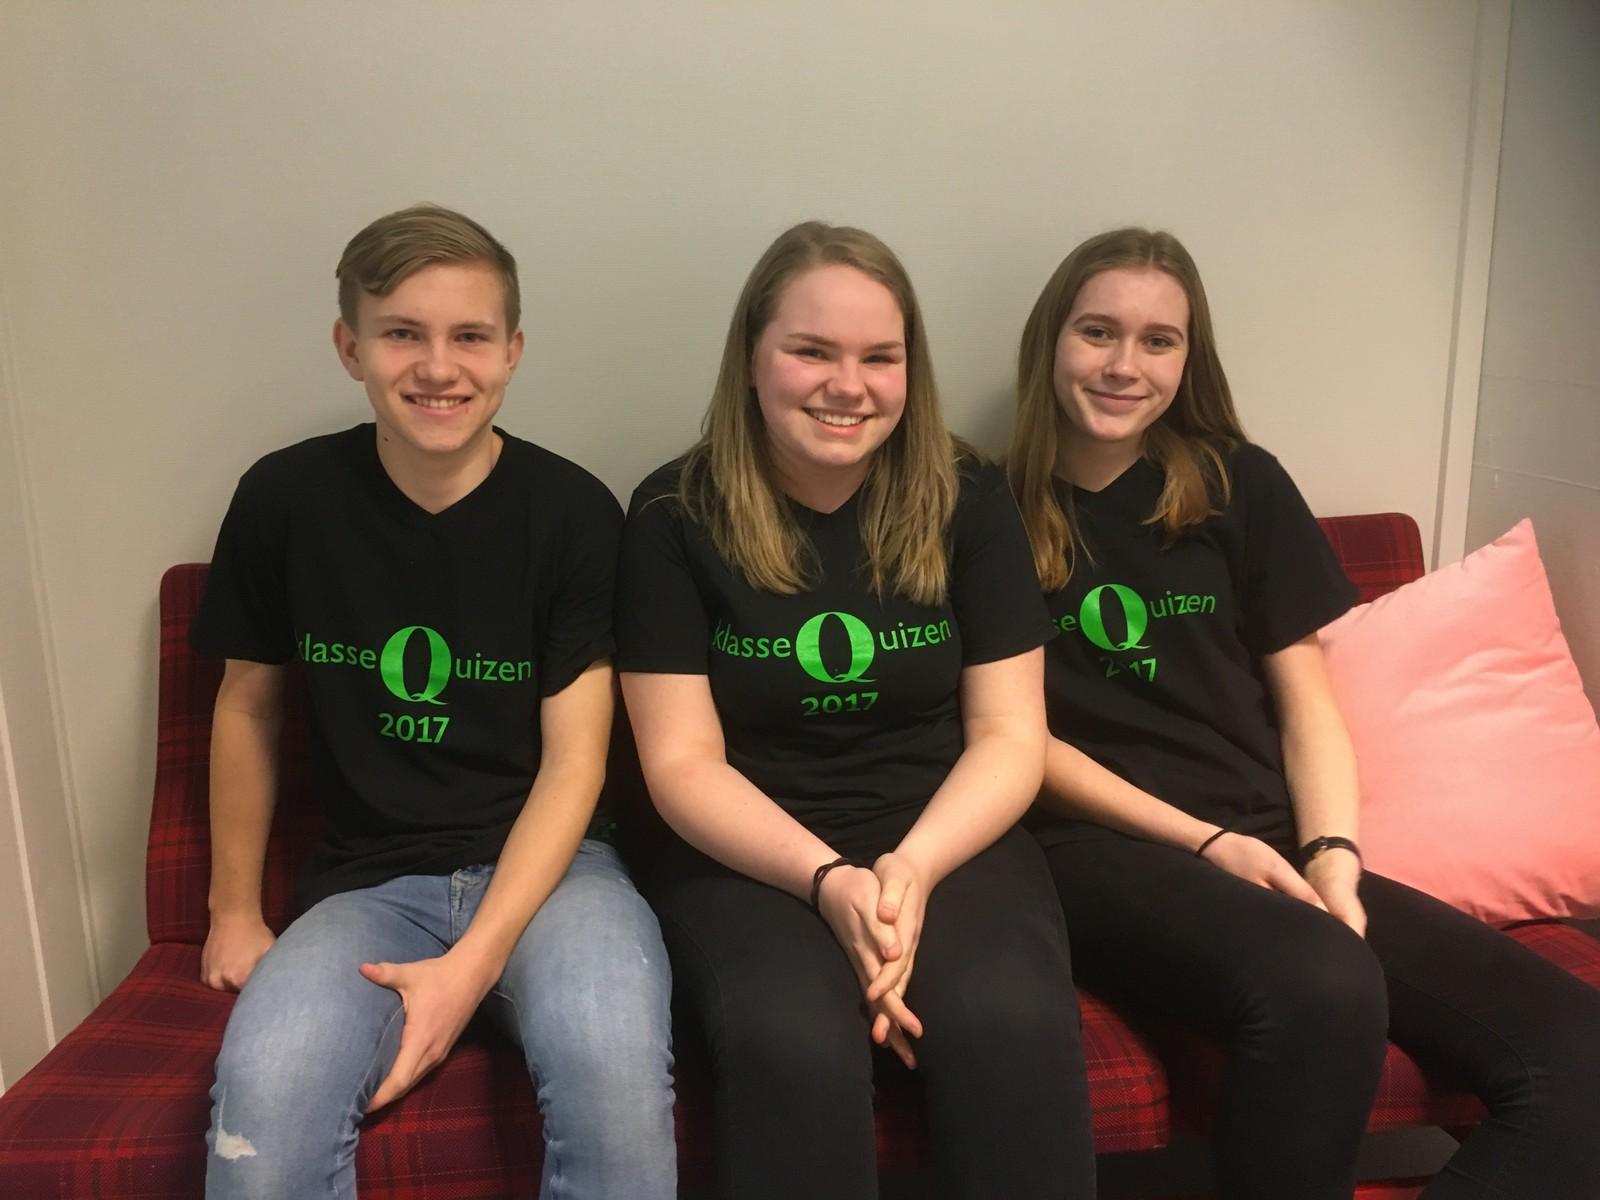 Eskil Pettersen, Mia Weronica Bjørgan Torp og Emilie Elde fra Moelv ungdomsskole klarte seks rette i Klassequizen.